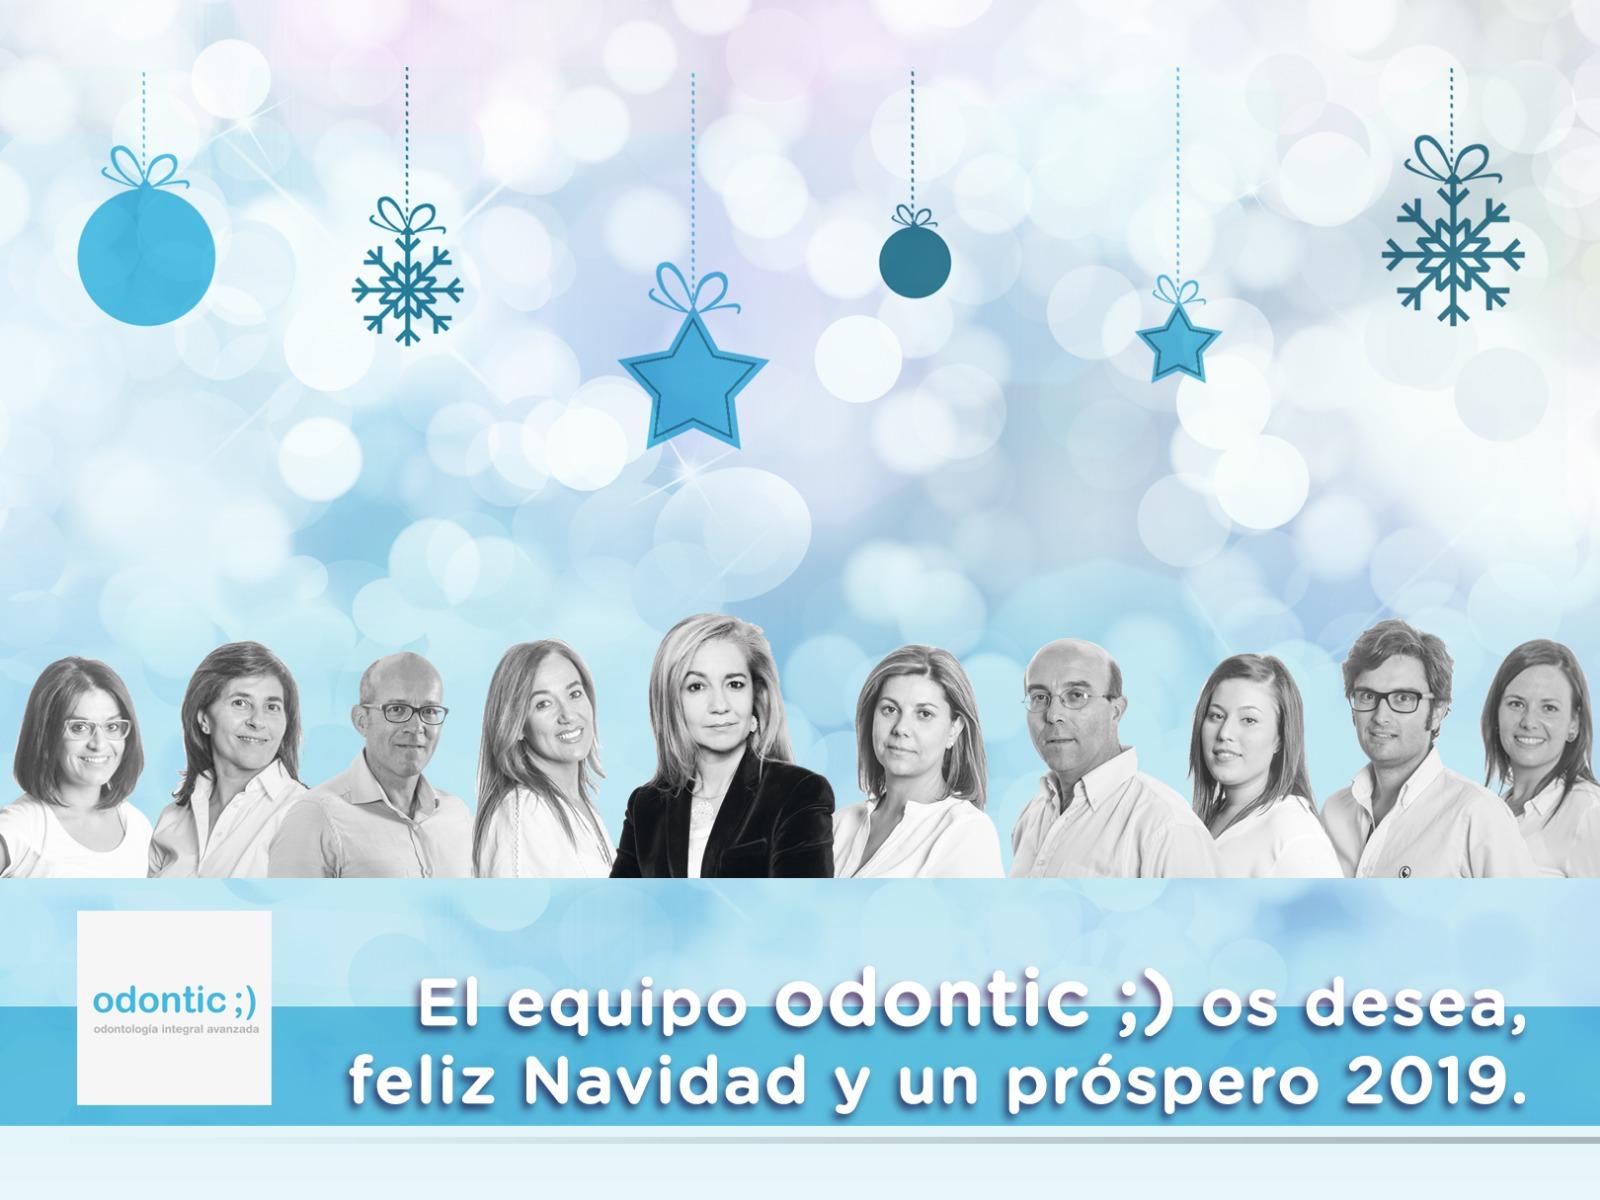 Clínica dental Odontic os desea Feliz Navidad y próspero 2019.